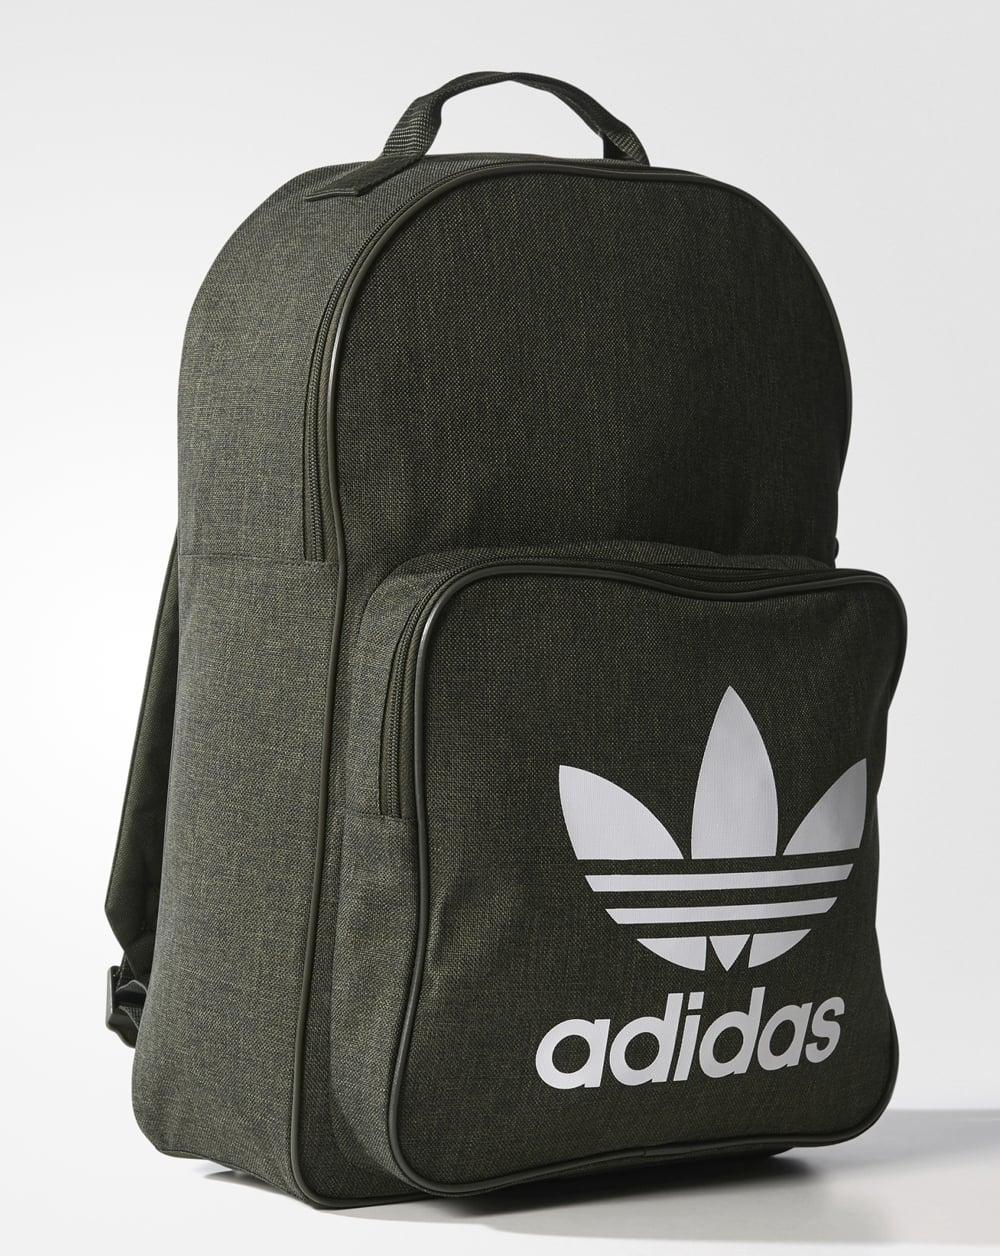 5c33a9245 adidas Originals Adidas Originals Class Casual Backpack Night Cargo